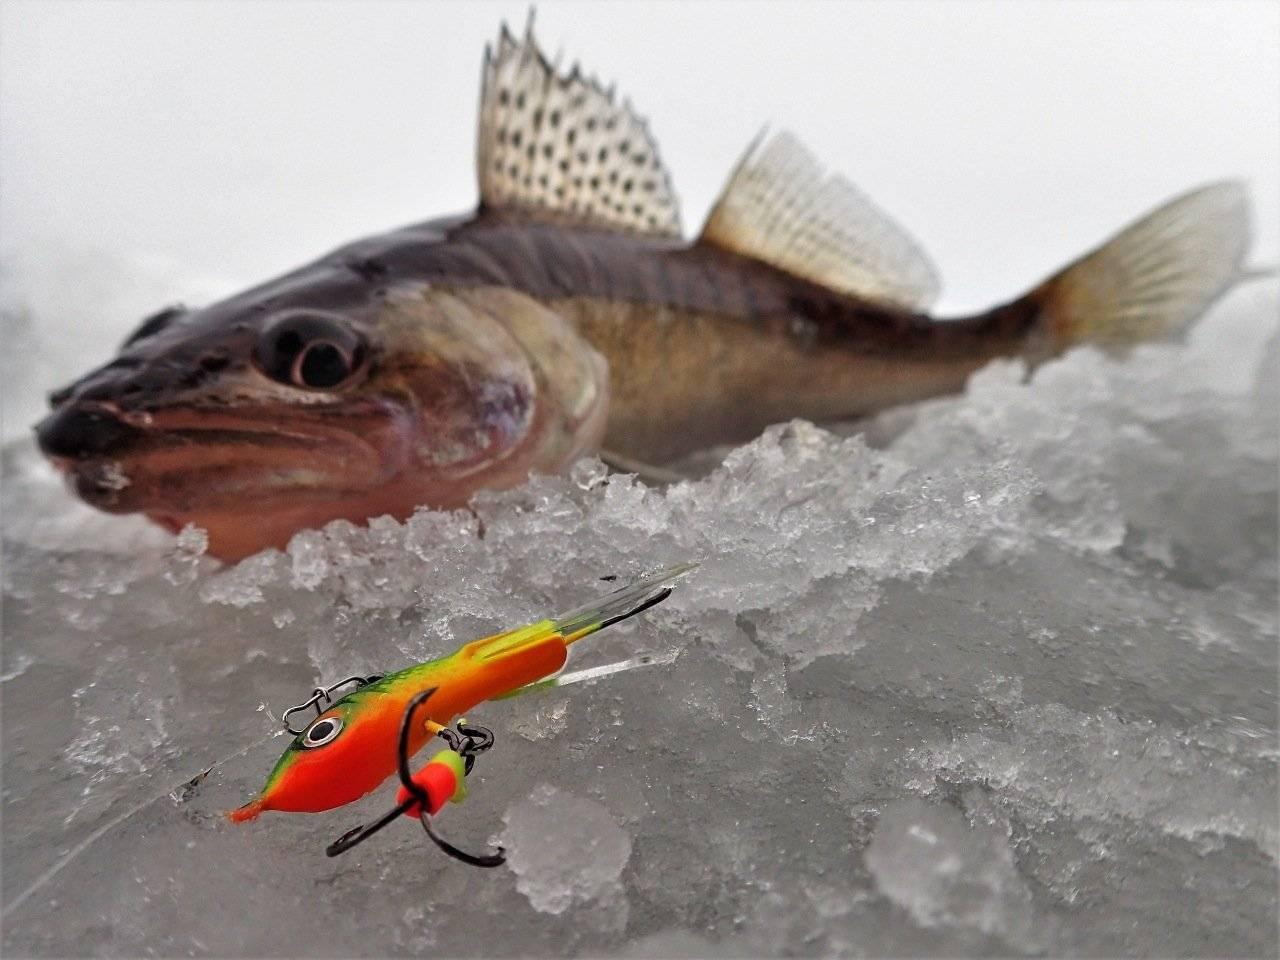 Ловля окуня на балансир зимой: (техника ловли, топ балансиров)